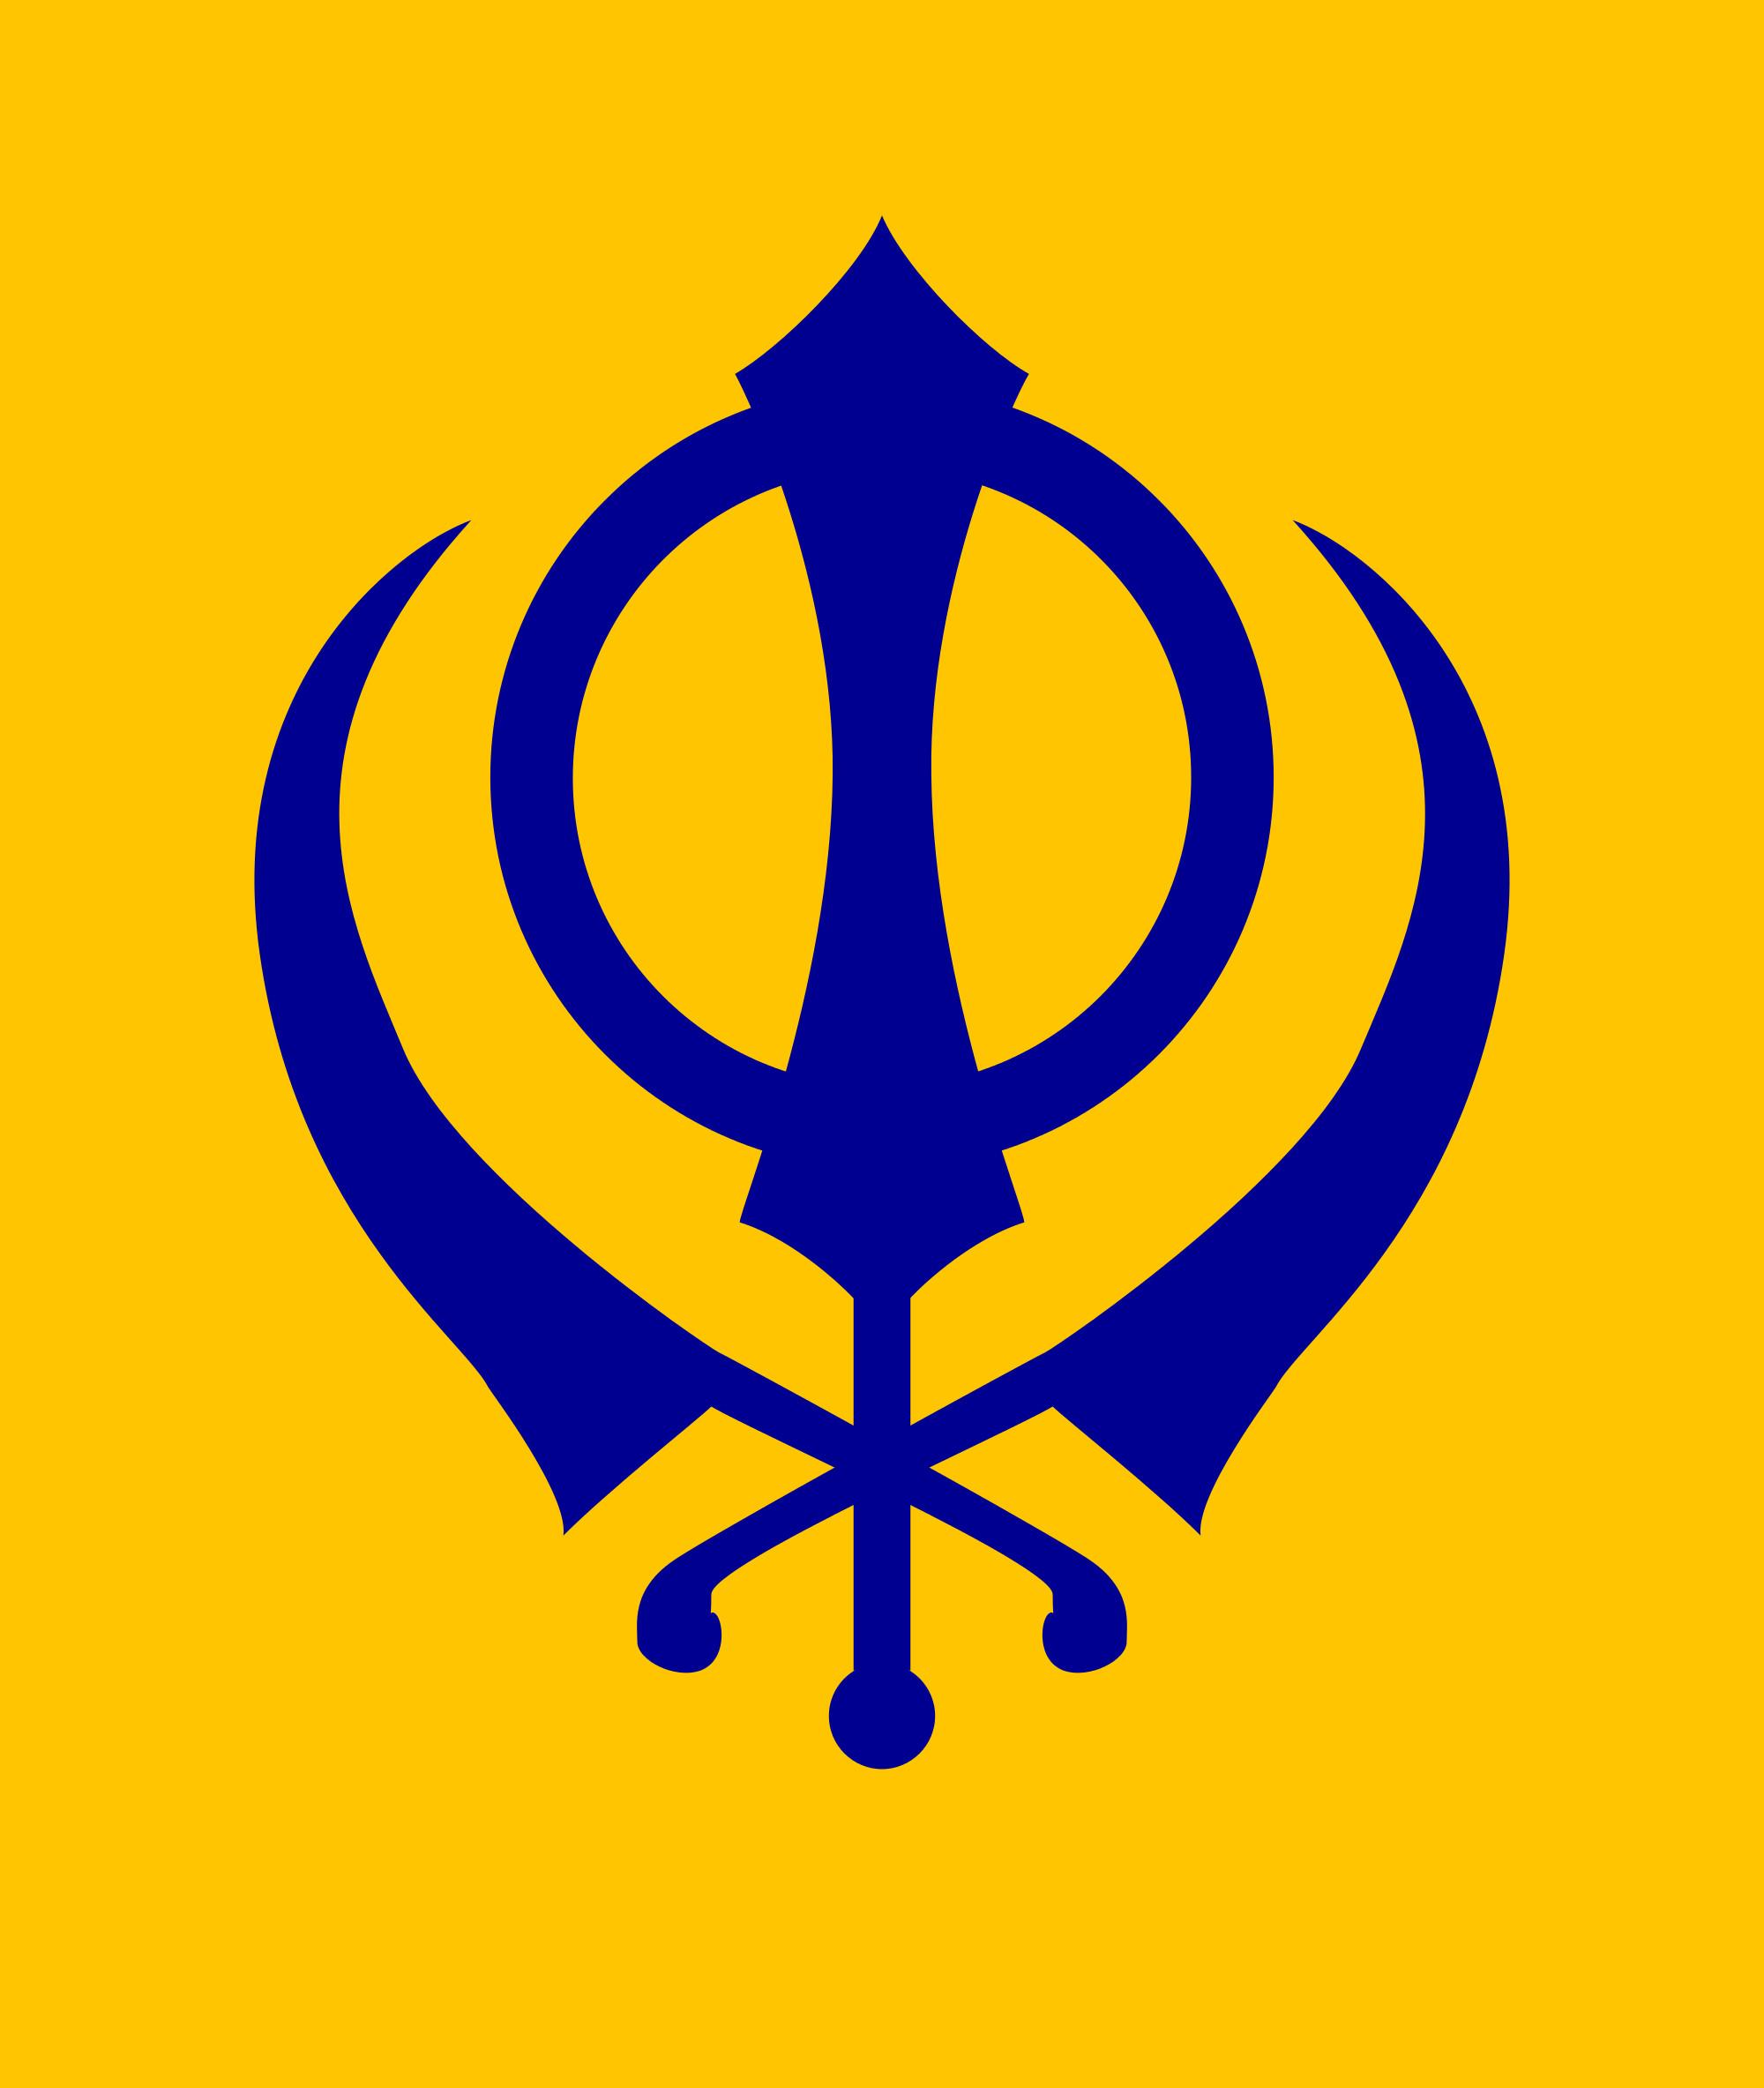 Ek Onkar Hd Wallpaper Sikh Khanda Wallpapers 27 Images